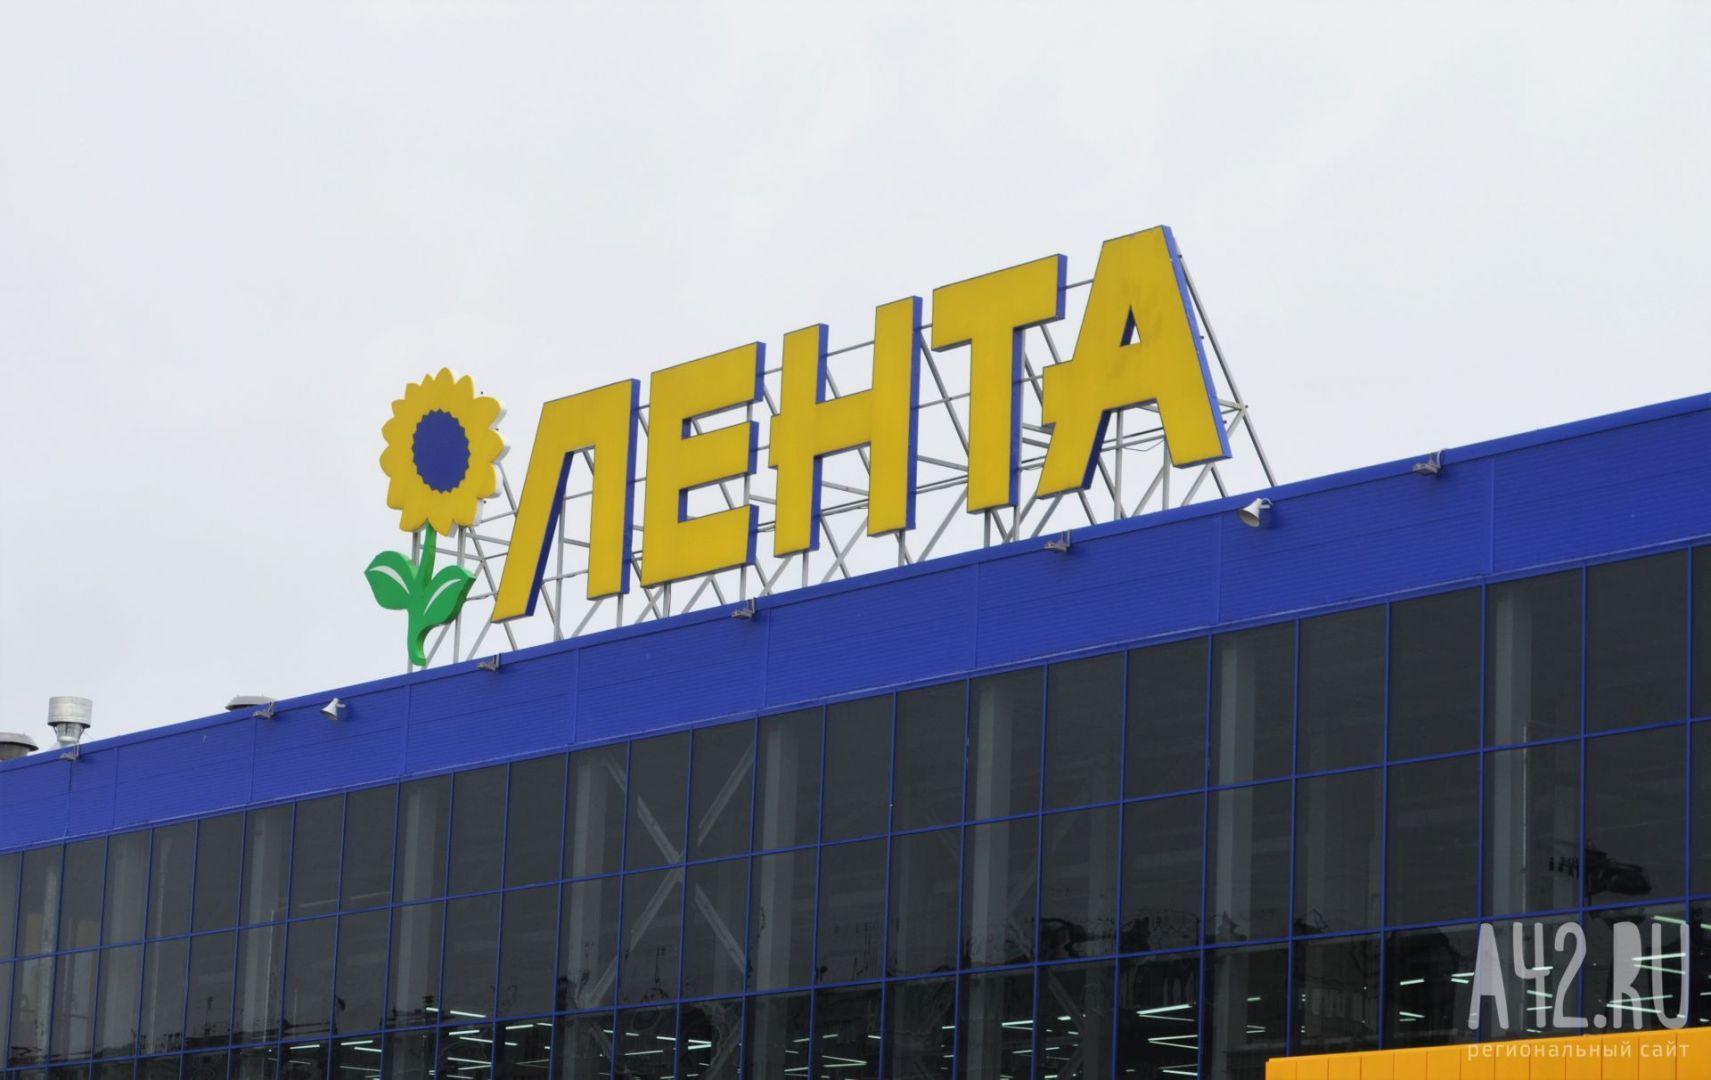 На стоянке  гипермаркета вПрокопьевске иностранная машина  сбила 7-летнего ребенка